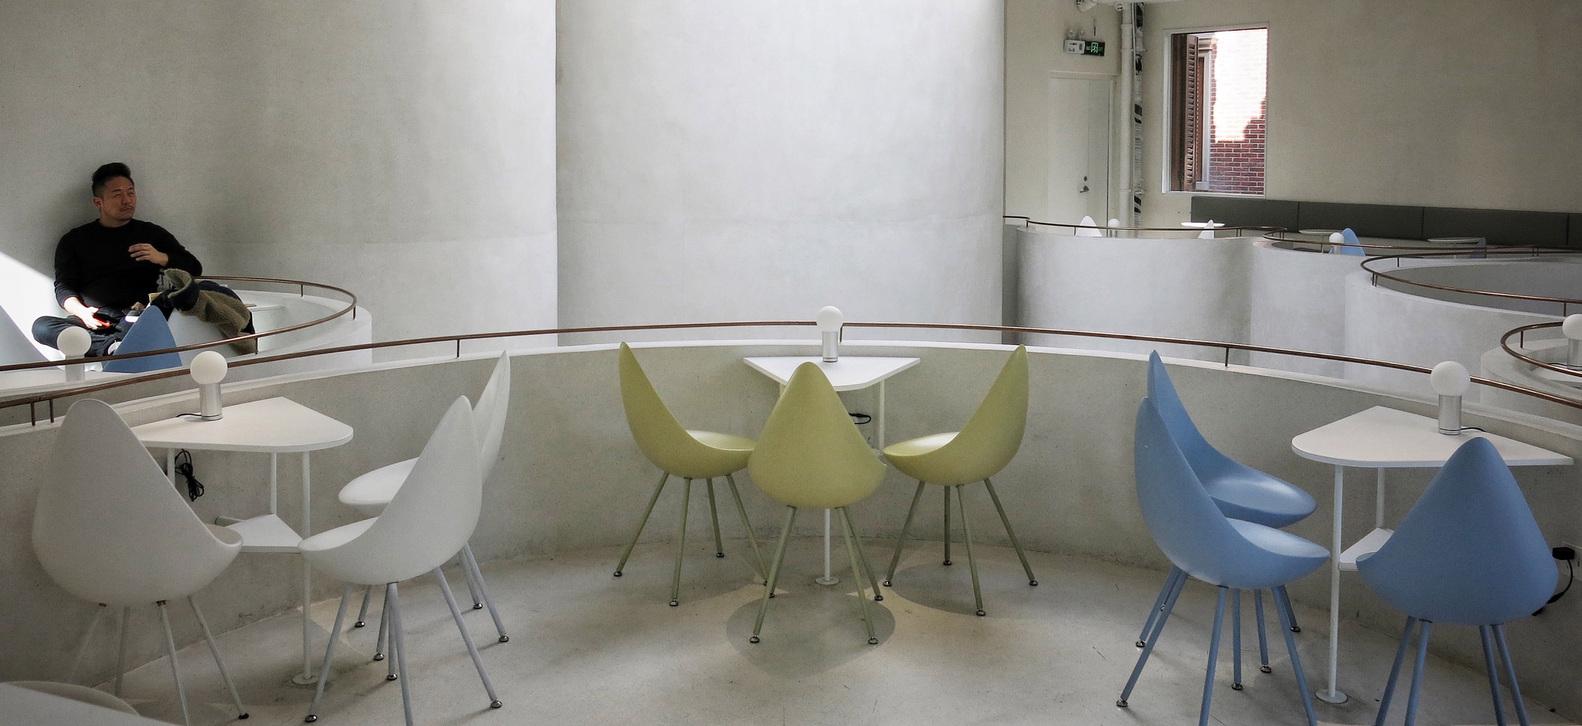 طراحی داخلی کافه ای متفاوت در چین